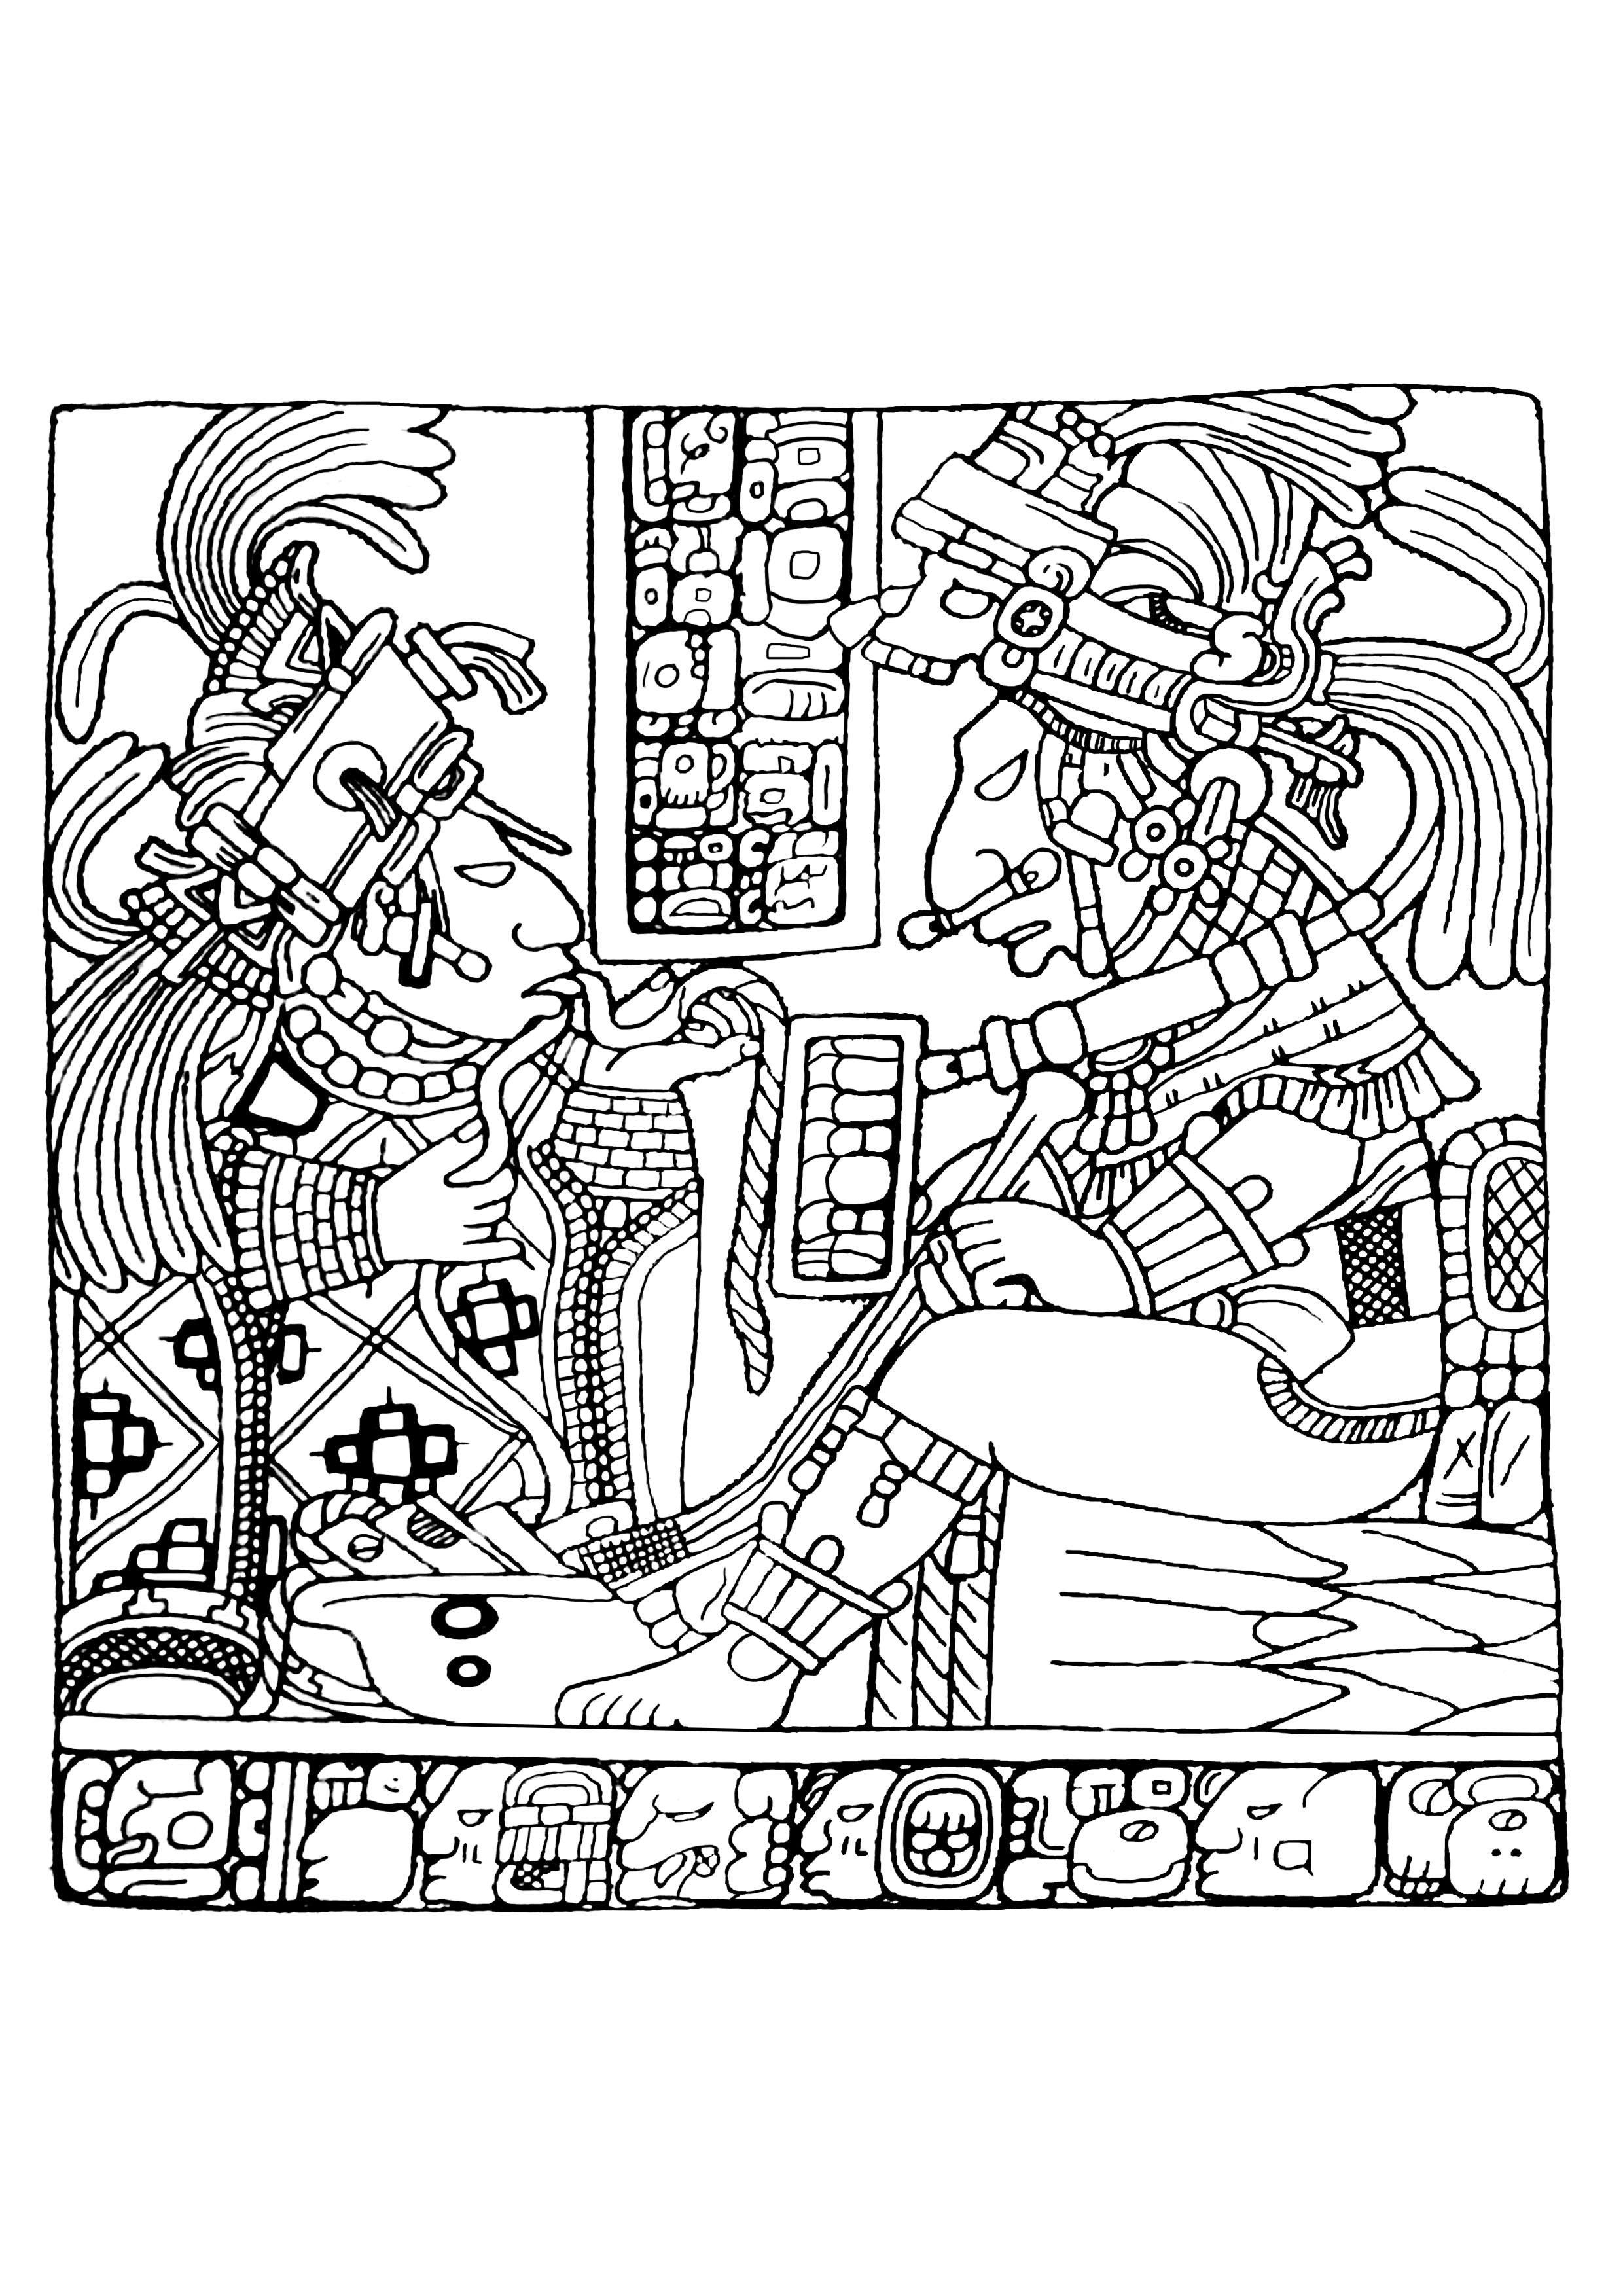 Disegni da colorare per adulti : Maya, Aztechi e Incas - 30